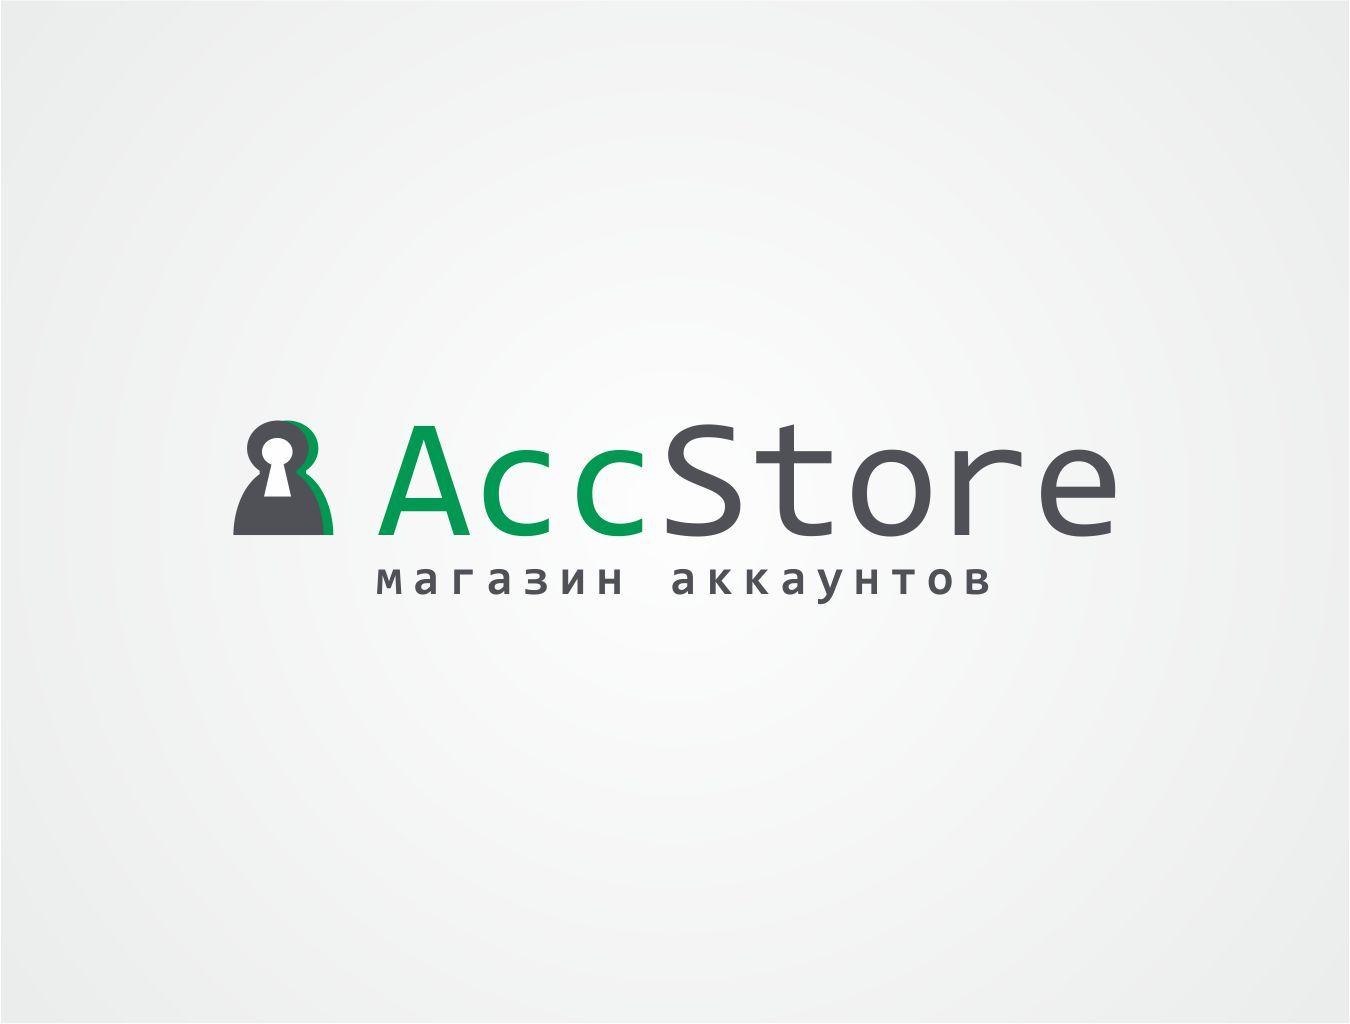 Логотип для магазина аккаунтов - дизайнер ollly